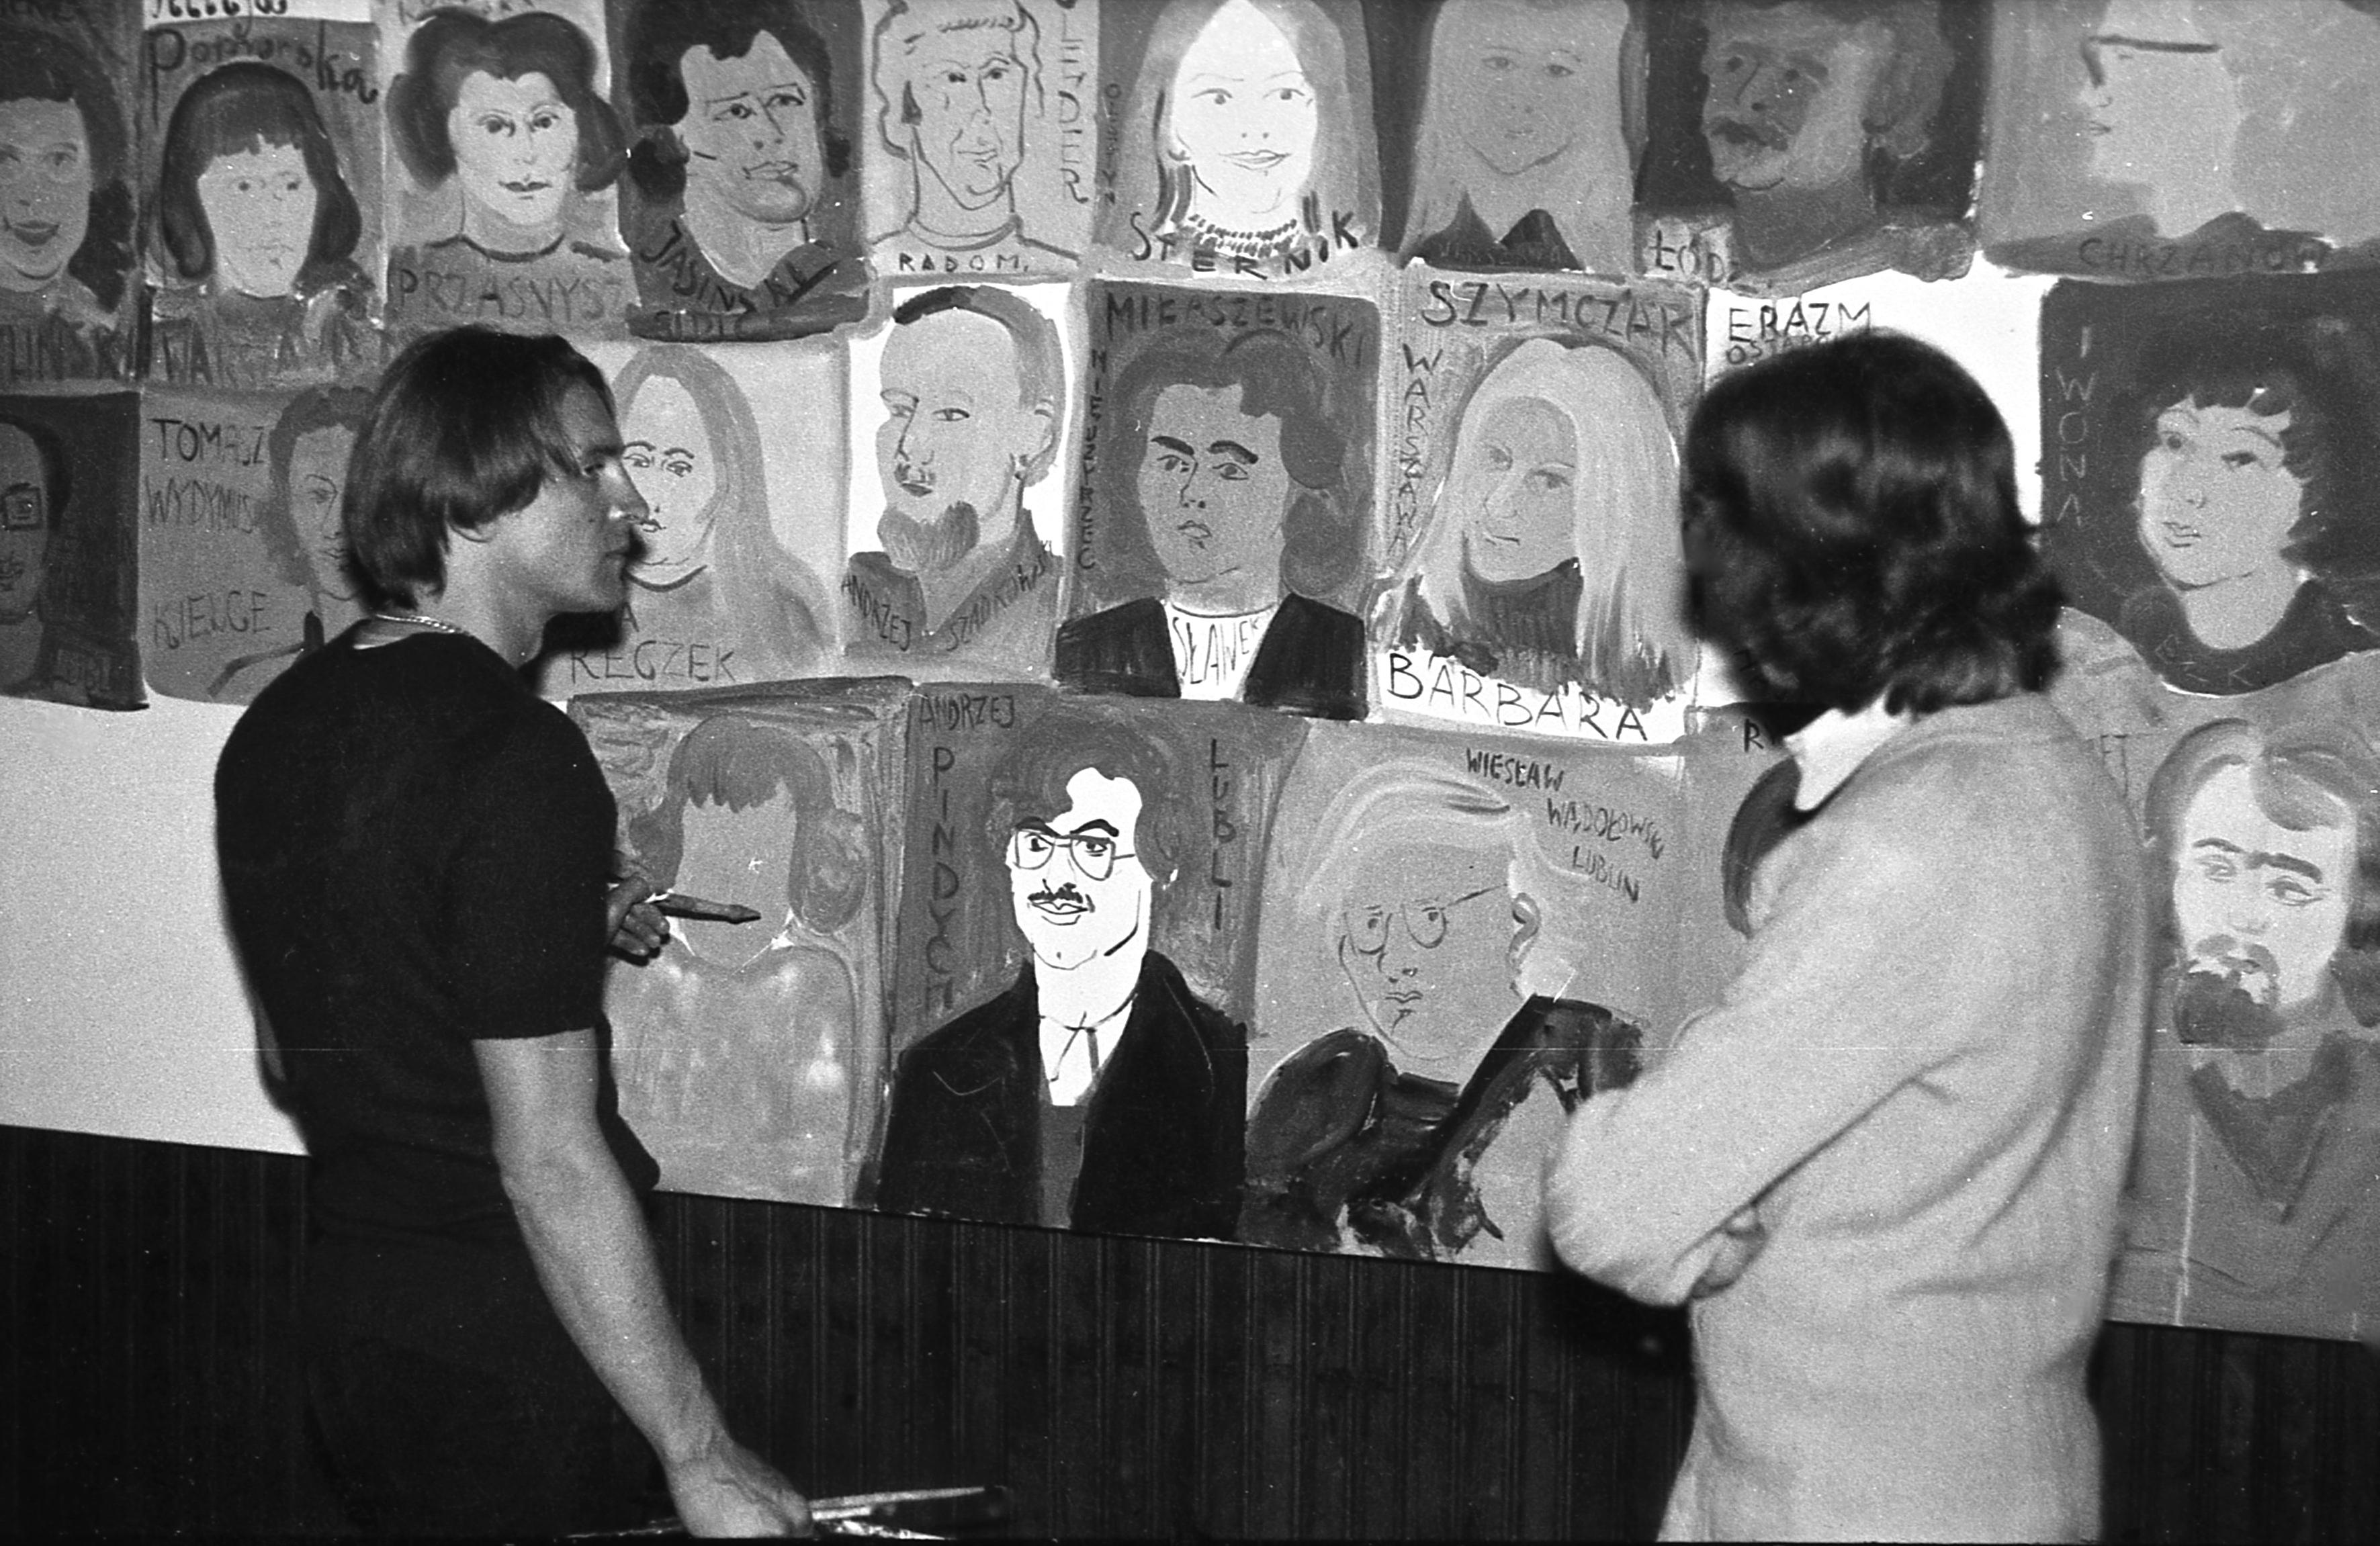 Edward Dwurnik during his action 'Wykonanie portretów psychologicznych studentów D.S. Babilon' photographed by Tomasz Sikorski.